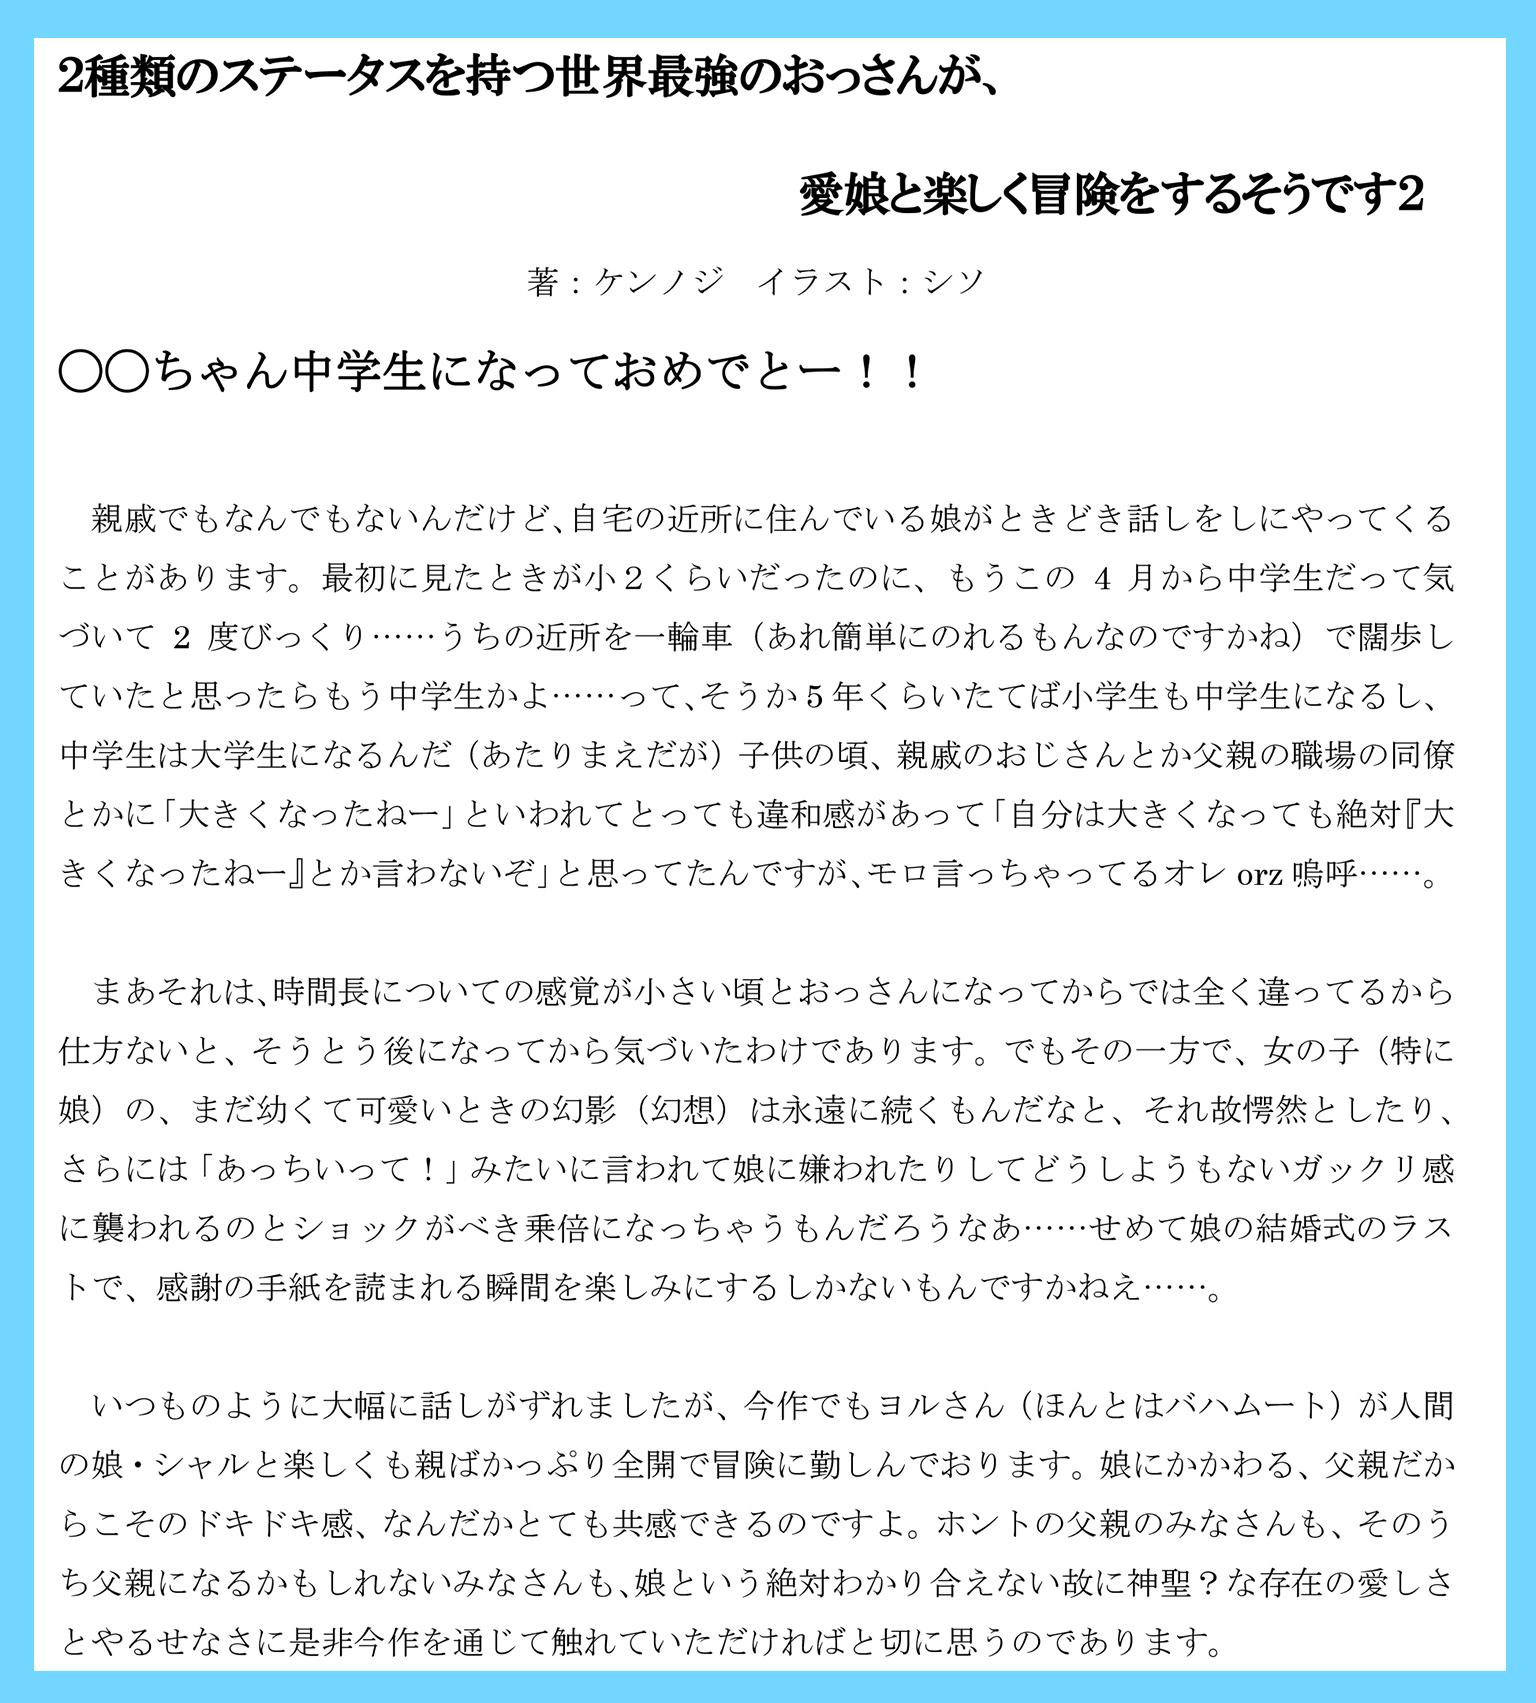 【ステータス2】BG